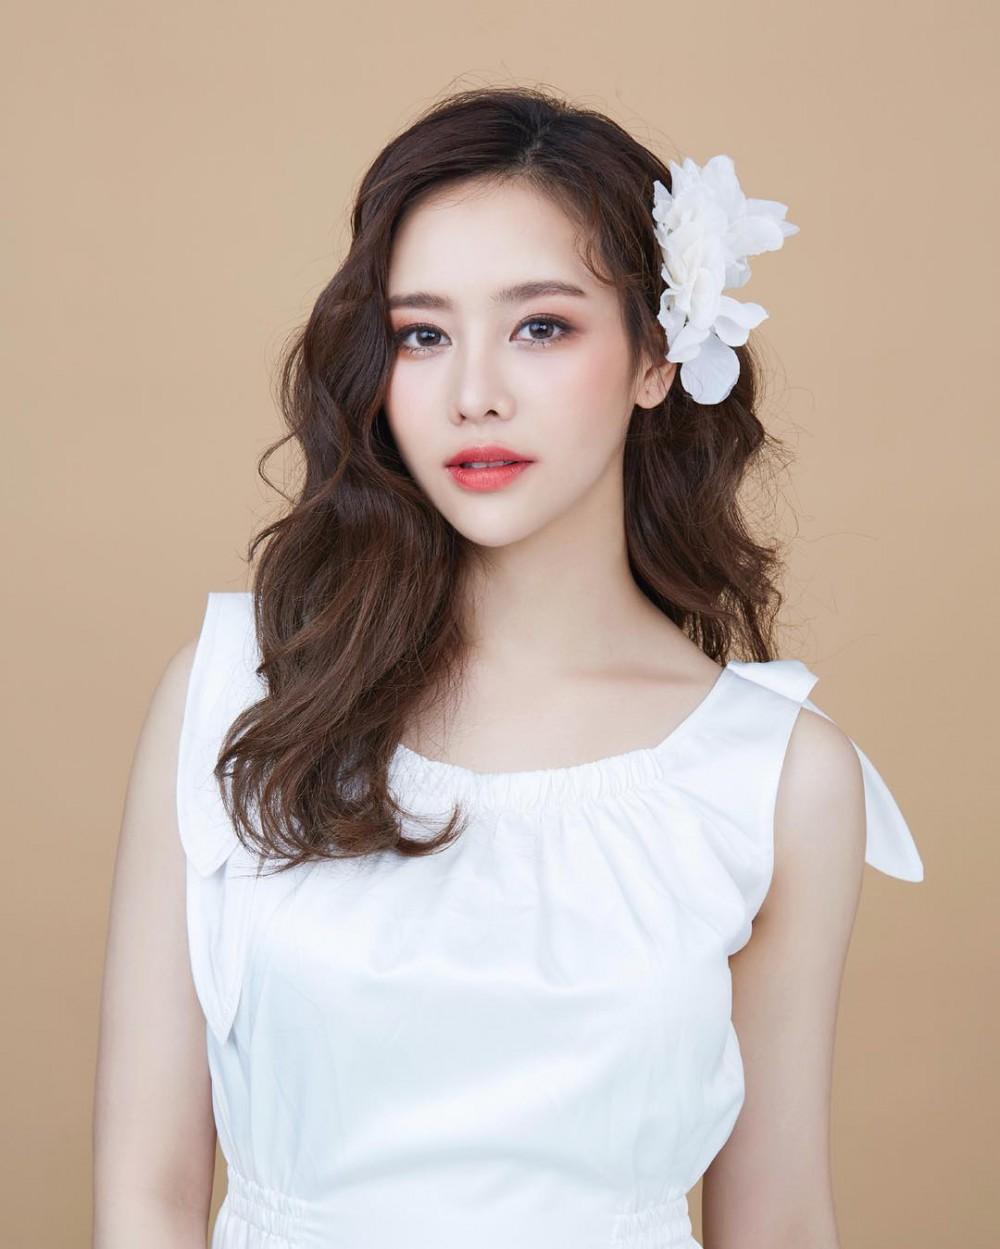 อัพเดตความสวยของ เพตี้อิ โฮการิ นักแสดงสาวลูกครึ่งไทย-ญี่ปุ่น ดับร้อนกันหน่อย!!